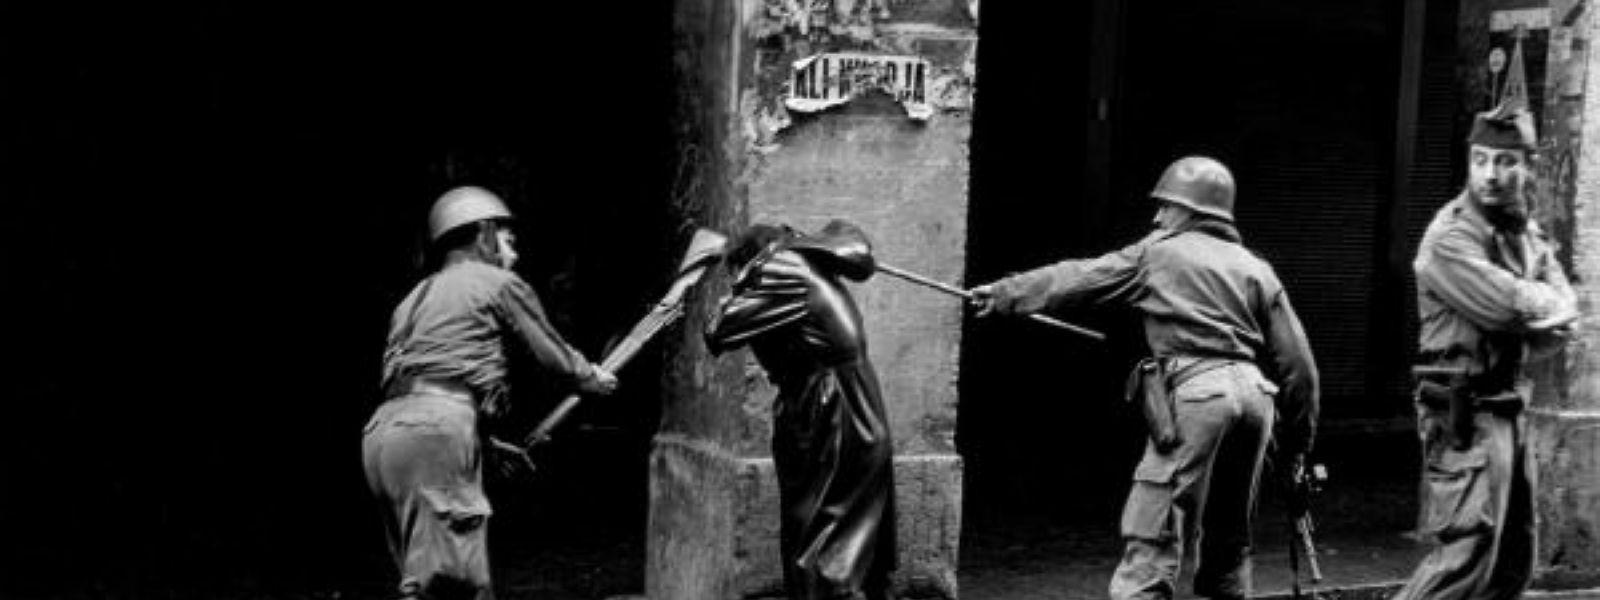 1960, la guerre en Algérie: l'armée française contre des émeutiers. Ayant débuté avec une série d'attaques en 1954, les «événements» vont se poursuivre jusqu'en 1962, quand l'Algérie accédera à l'indépendance.